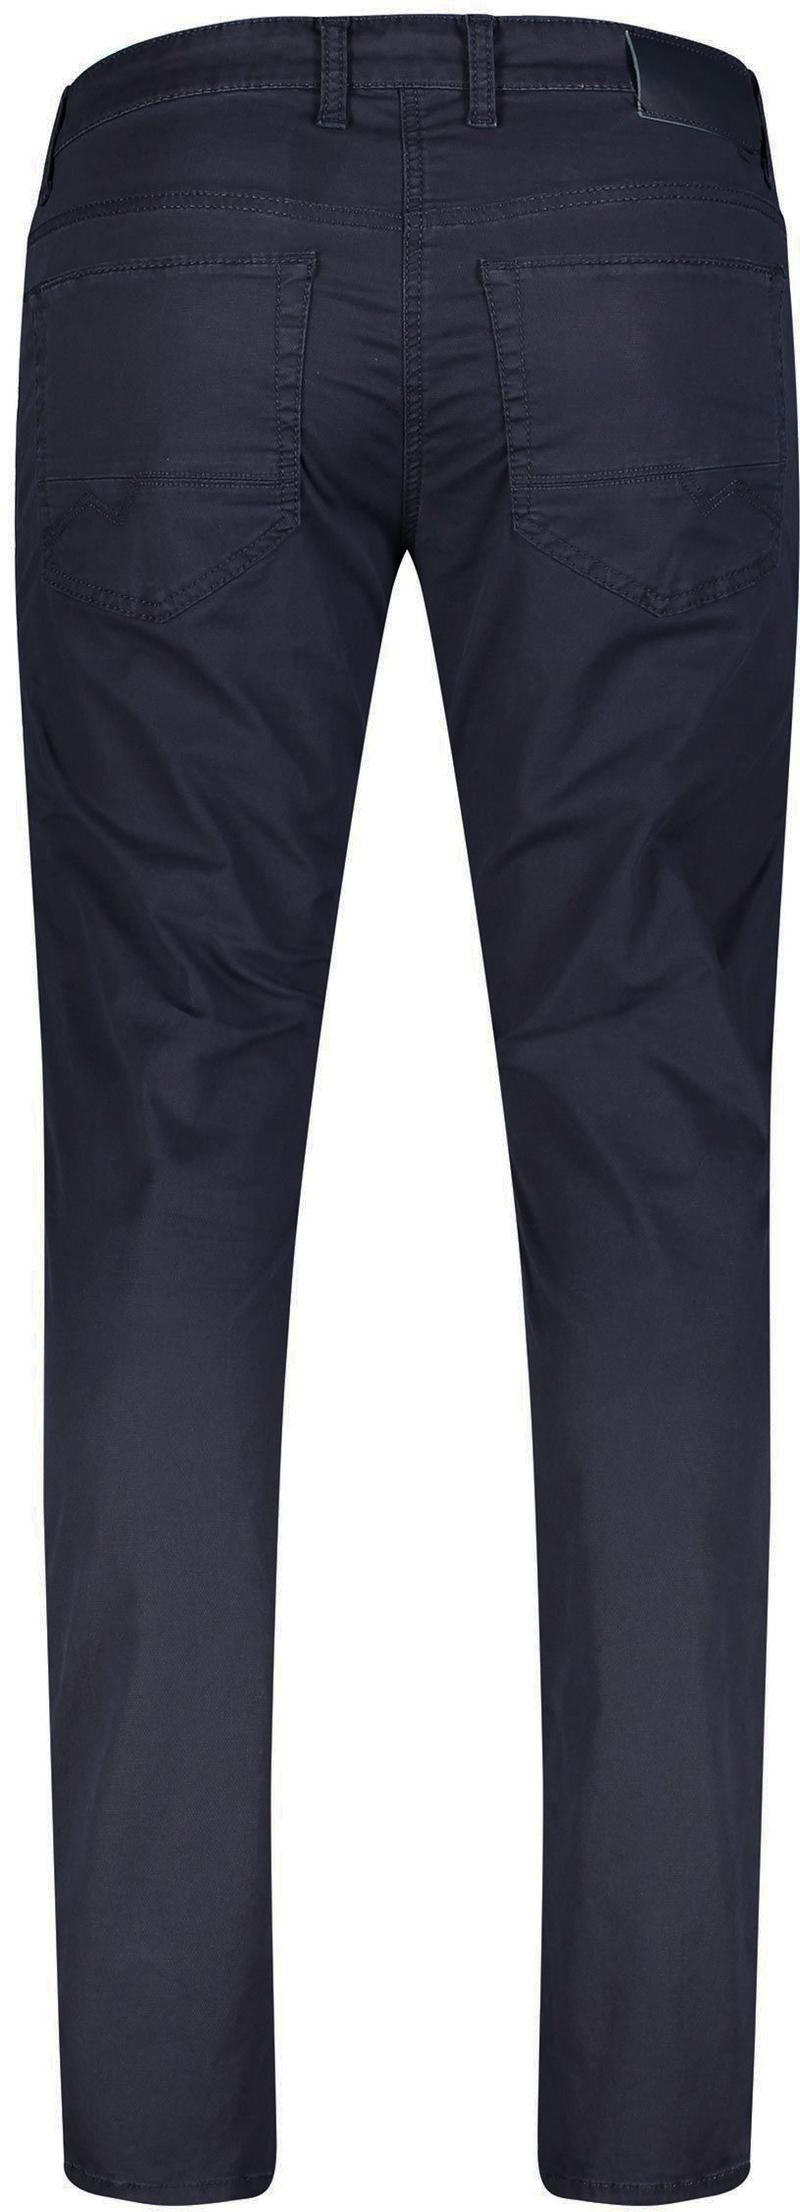 Mac Jeans Flexx Arne Pipe Foto 1